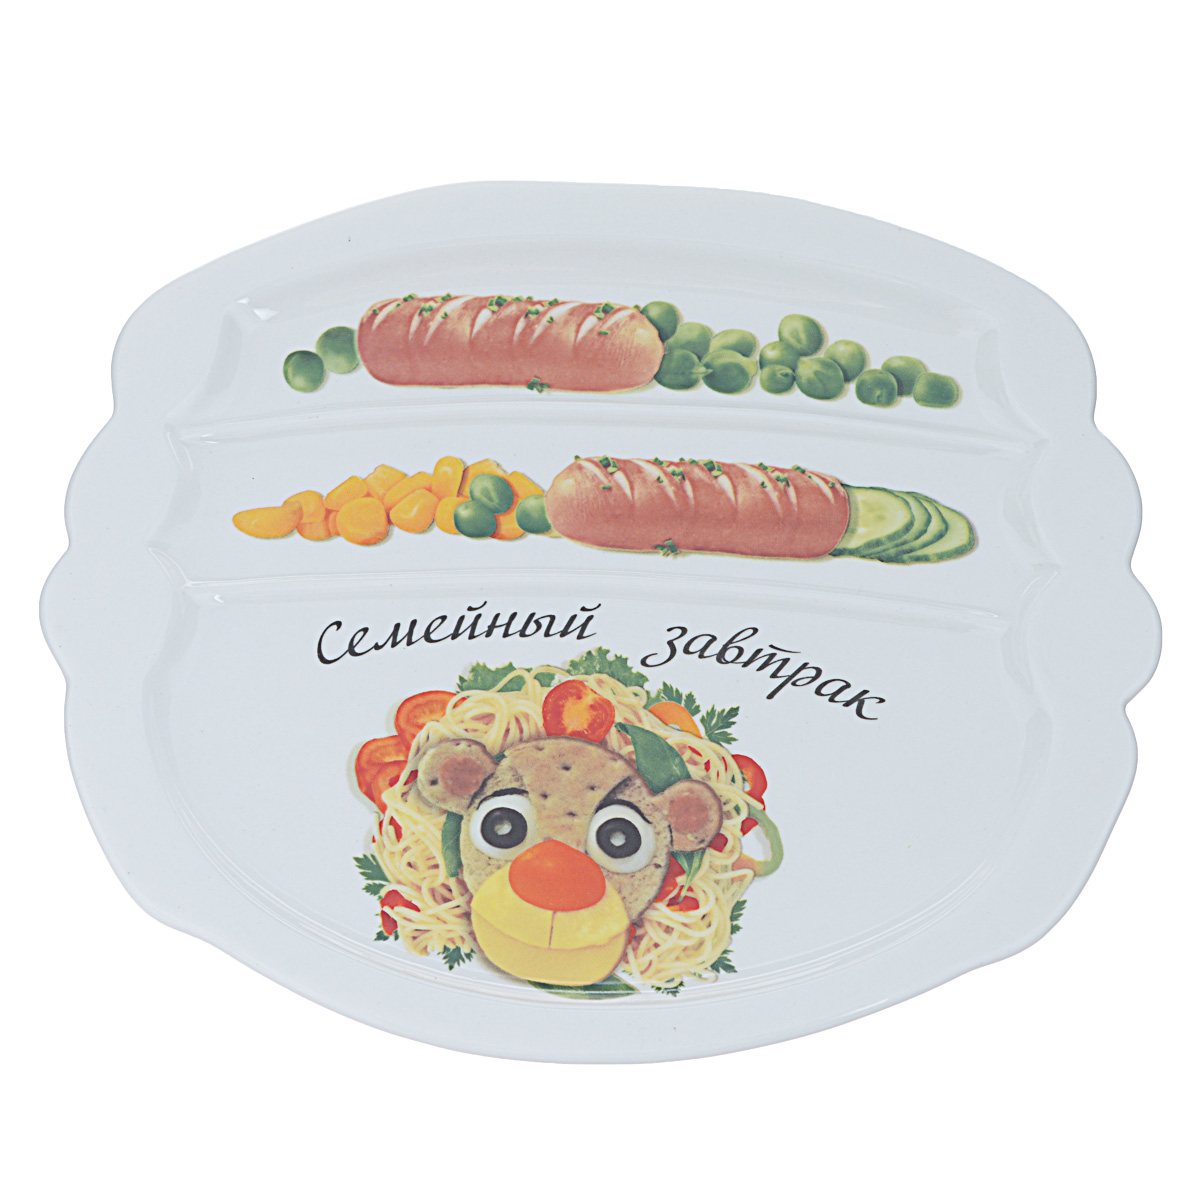 Тарелка для завтрака LarangE Семейный завтрак у льва, 22,5 х 19 x 1,5 см589-313Тарелка для завтрака LarangE изготовлена из высококачественной керамики. Изделие украшено ярким изображением. Тарелка имеет три отделения: 2 маленьких отделения для сосисок и одно большое отделение для яичницы или другого блюда. Можно использовать в СВЧ печах, духовом шкафу и холодильнике. Не применять абразивные чистящие вещества.